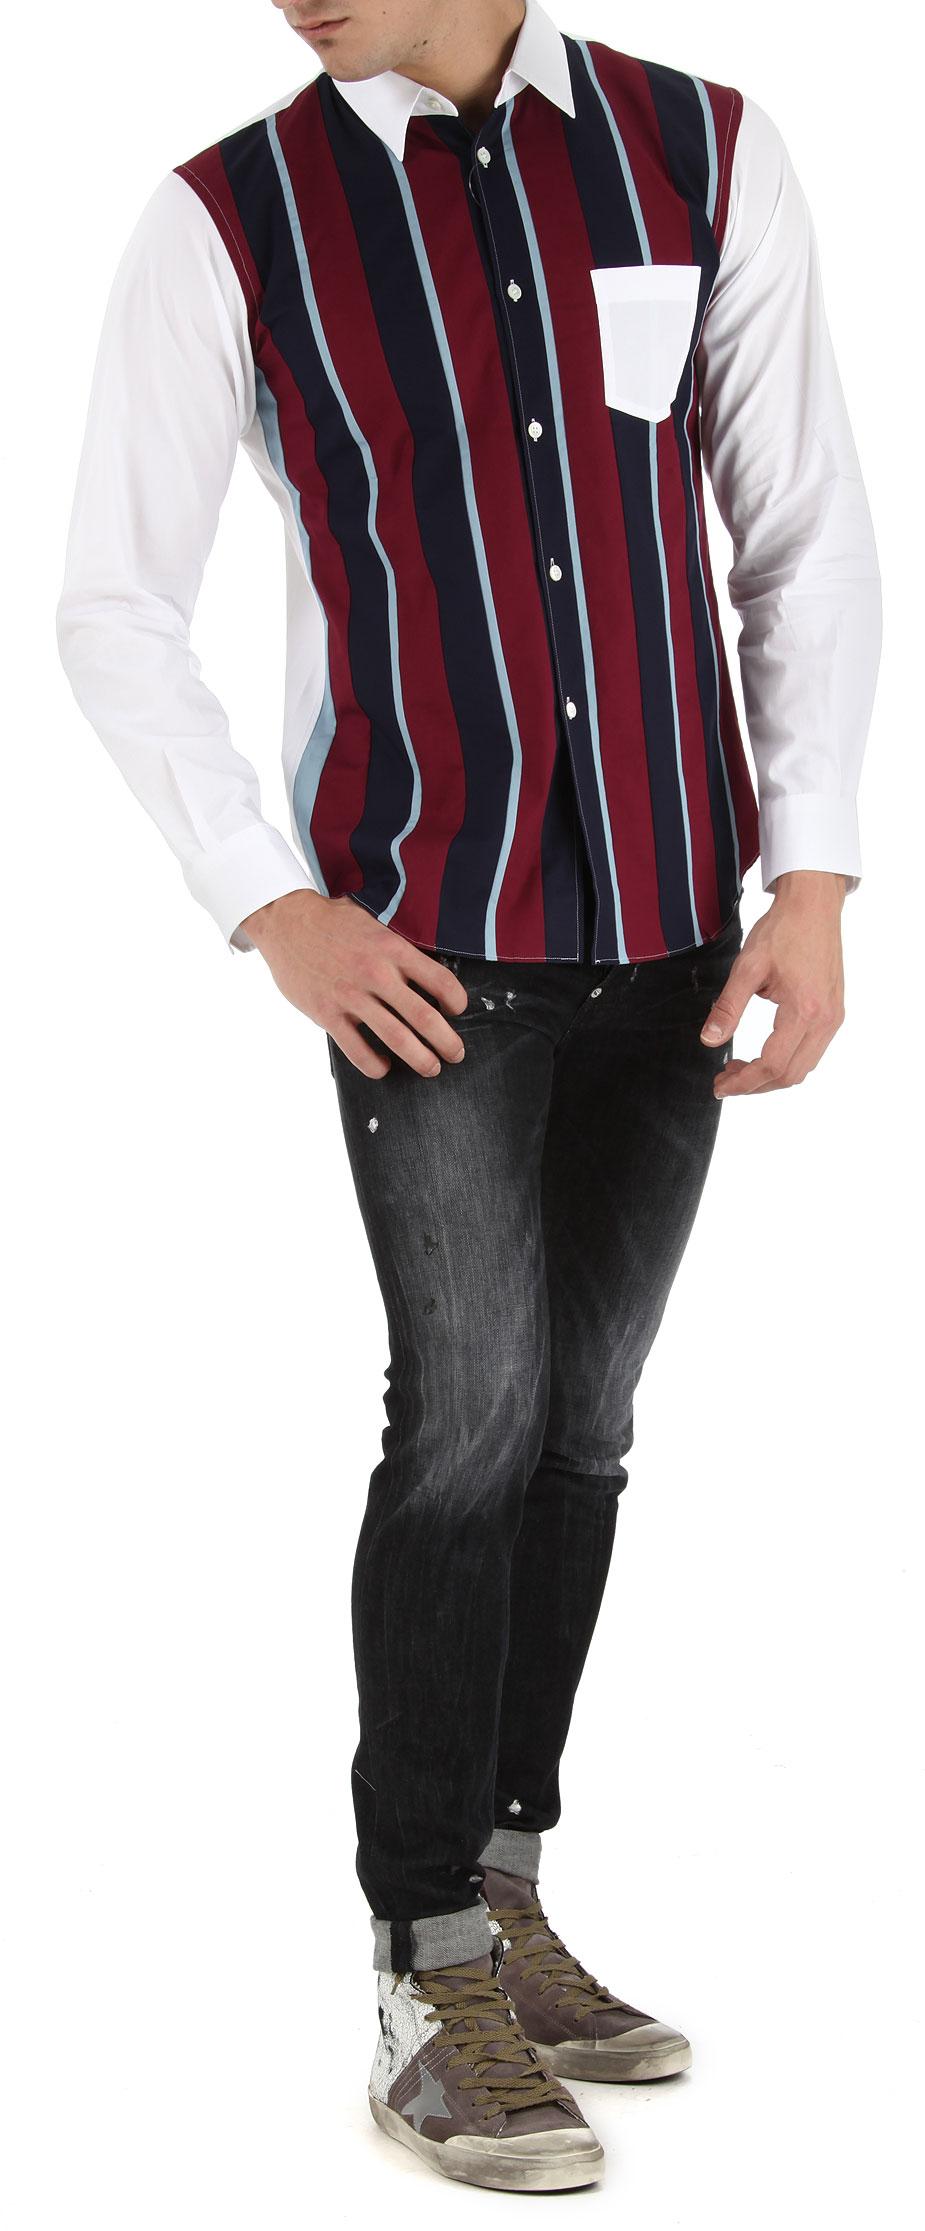 s24901 Abbigliamento Abbigliamento Gar�ons Codice des Uomo Articolo Comme biabord Uomo x8an6x